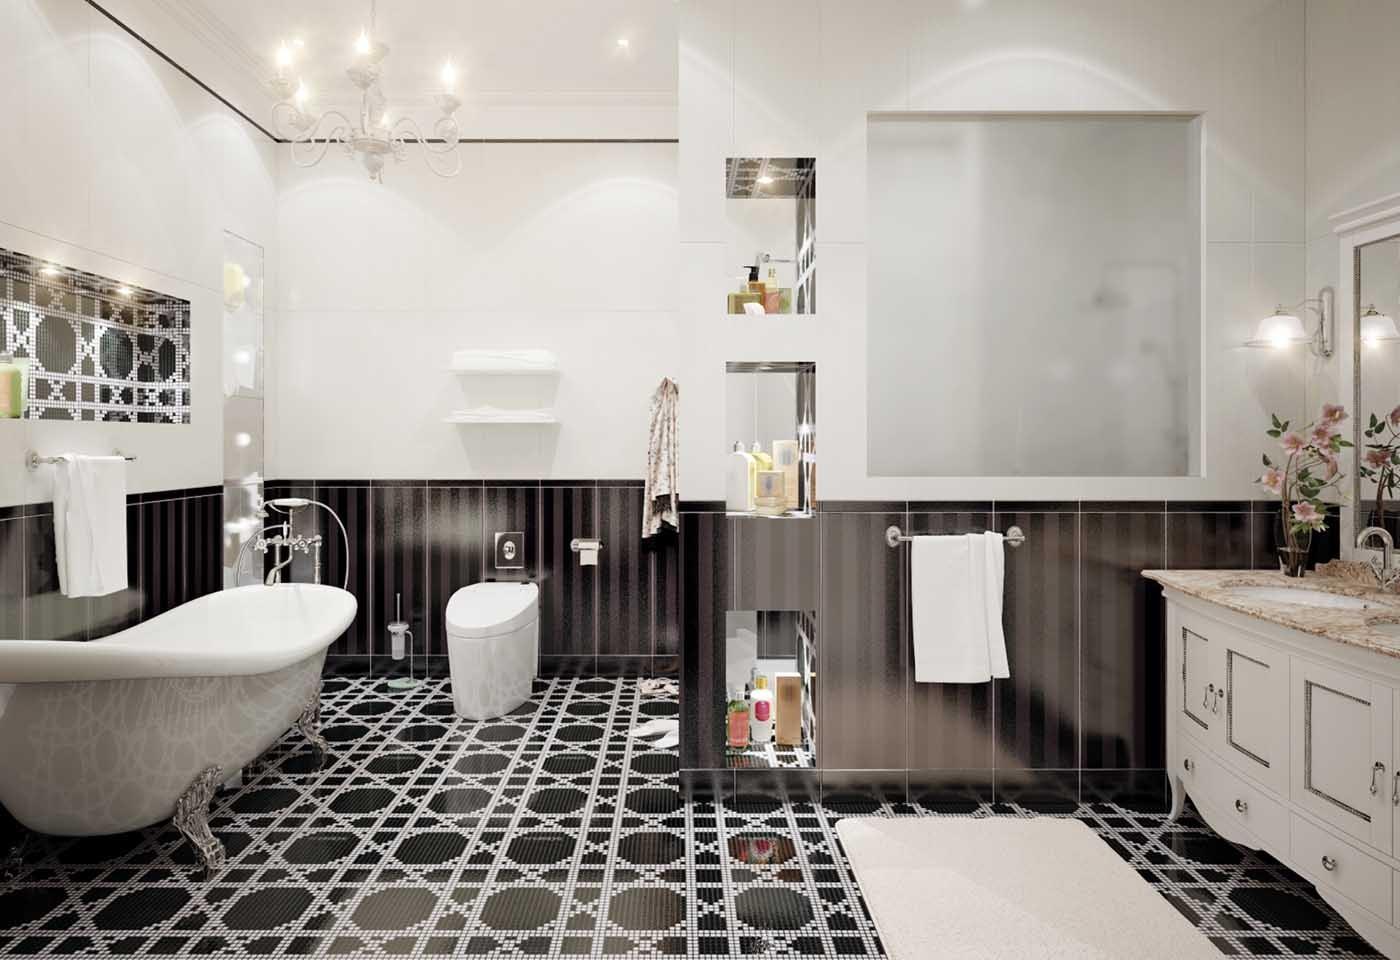 Bagno Bianco E Nero Bagno Bianco E Nero Moderno Con Bagno